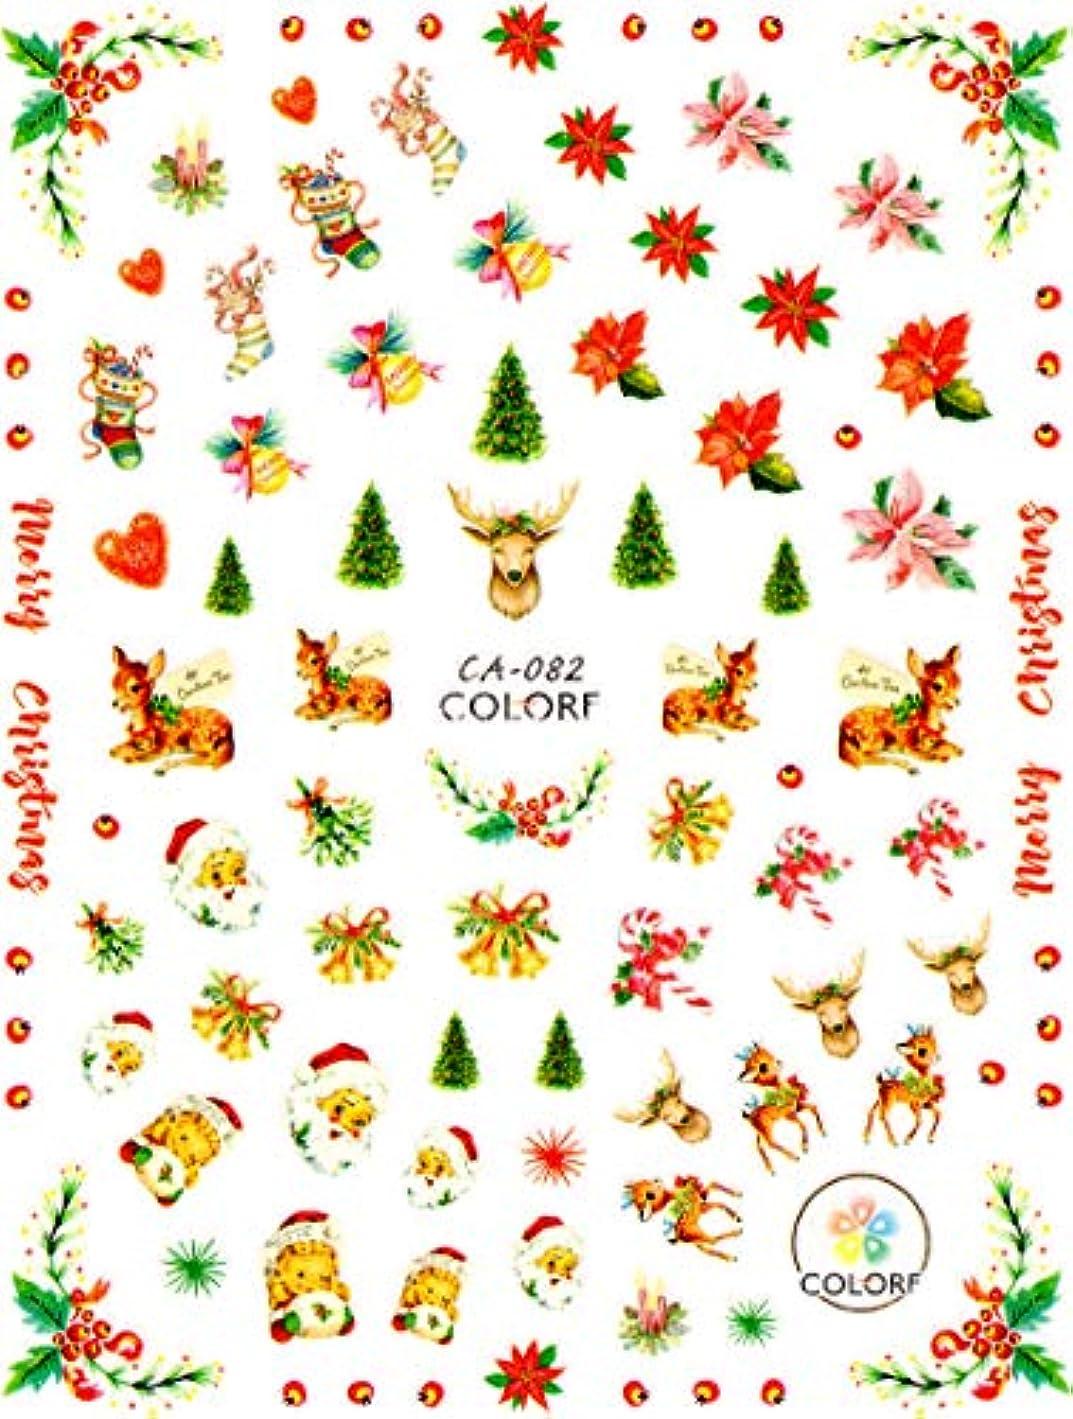 に応じてペレット突然極薄 ネイルシール クリスマス スノー サンタ デコやレジン、アルバム制作などに (01-C49)